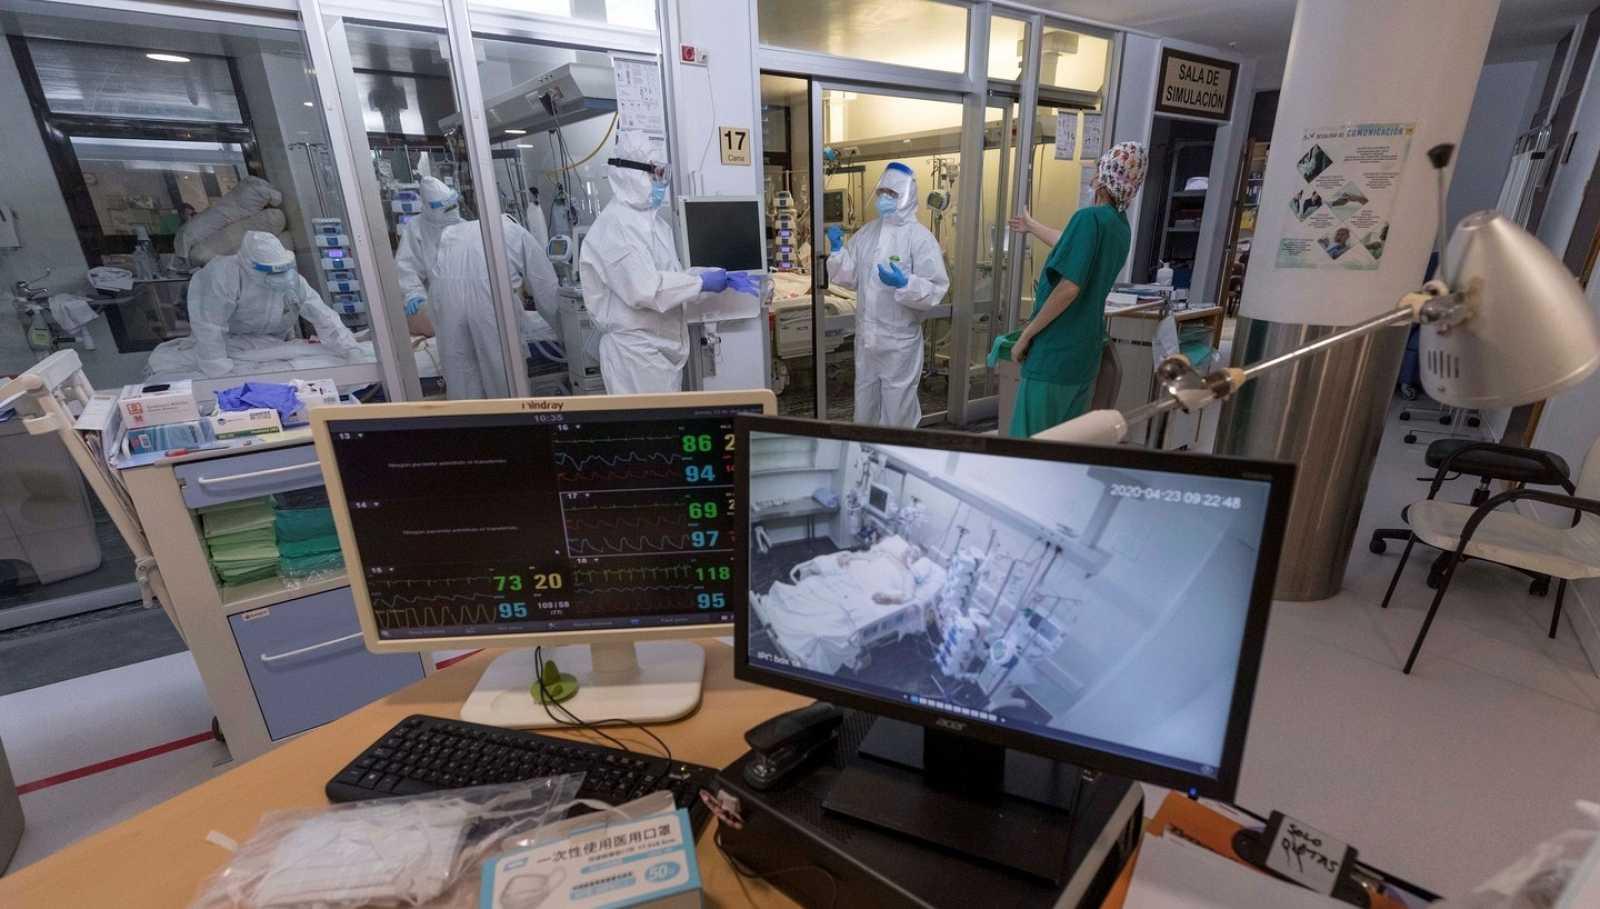 Enfermeras de la UCI del Hospital Morales Meseguer de Murcia, atienden a un paciente infectado con Covid-19 en abril